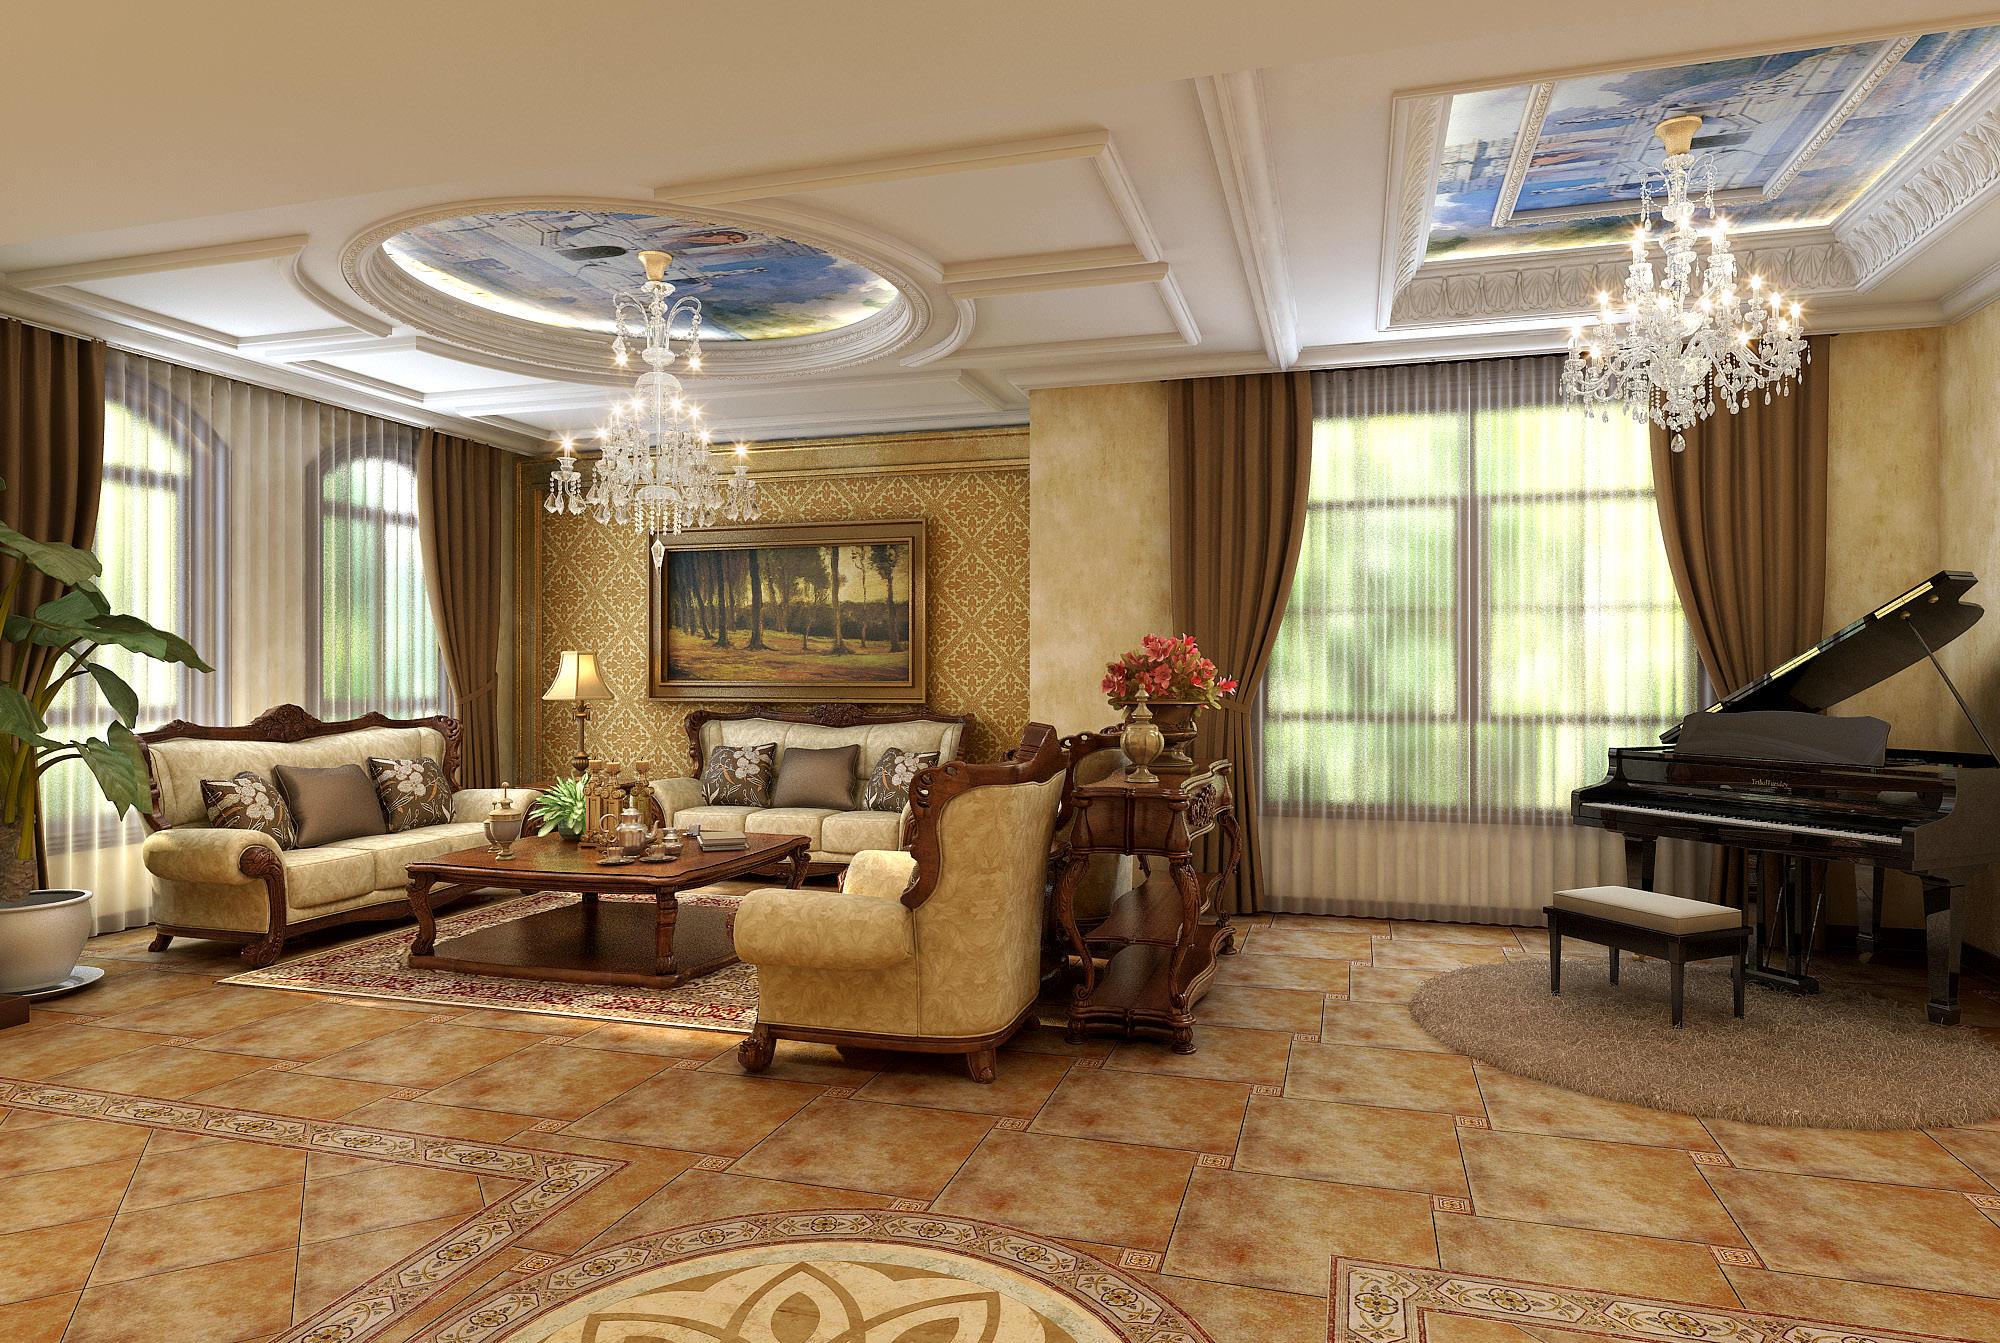 cozy living room 3d model max cozy living room 3d model max 1